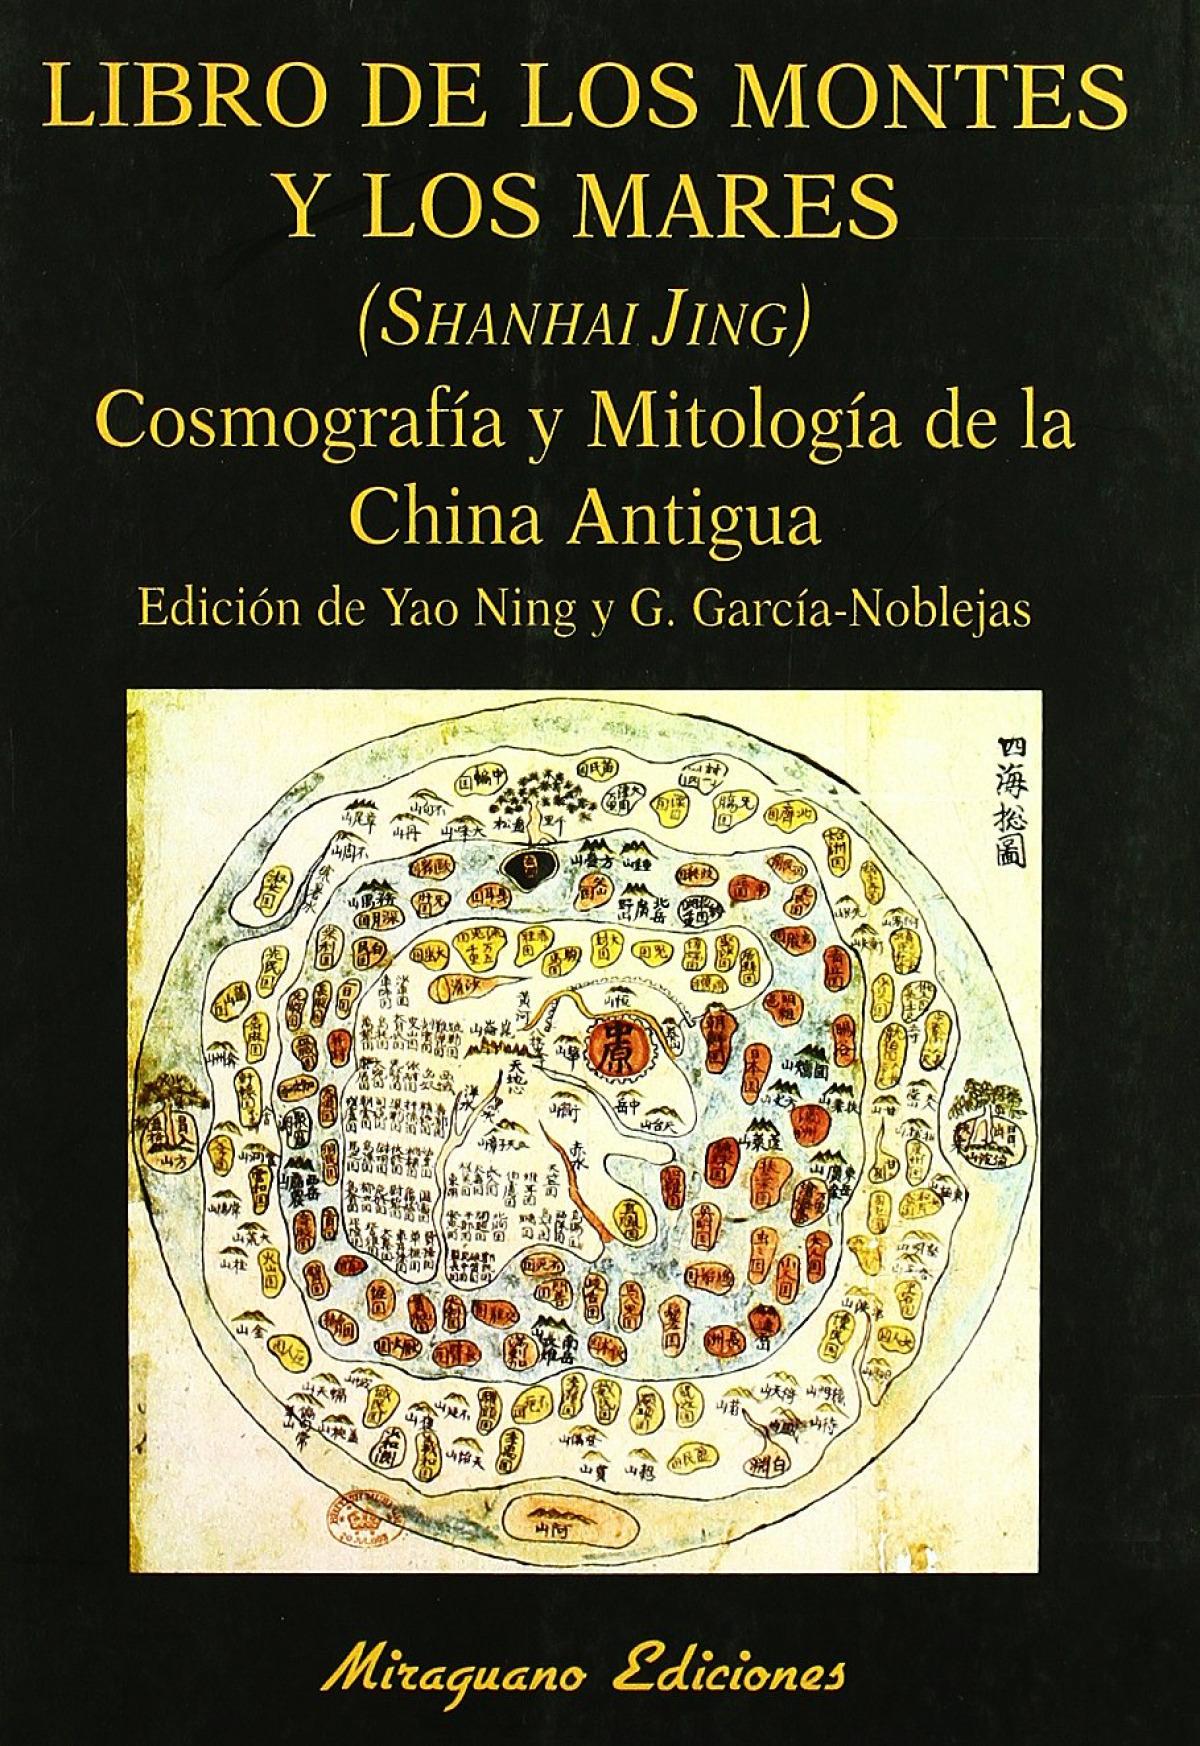 Libro de los Montes y los Mares. (Shanhai Jing). Cosmografía y Mitología de la China Antigua